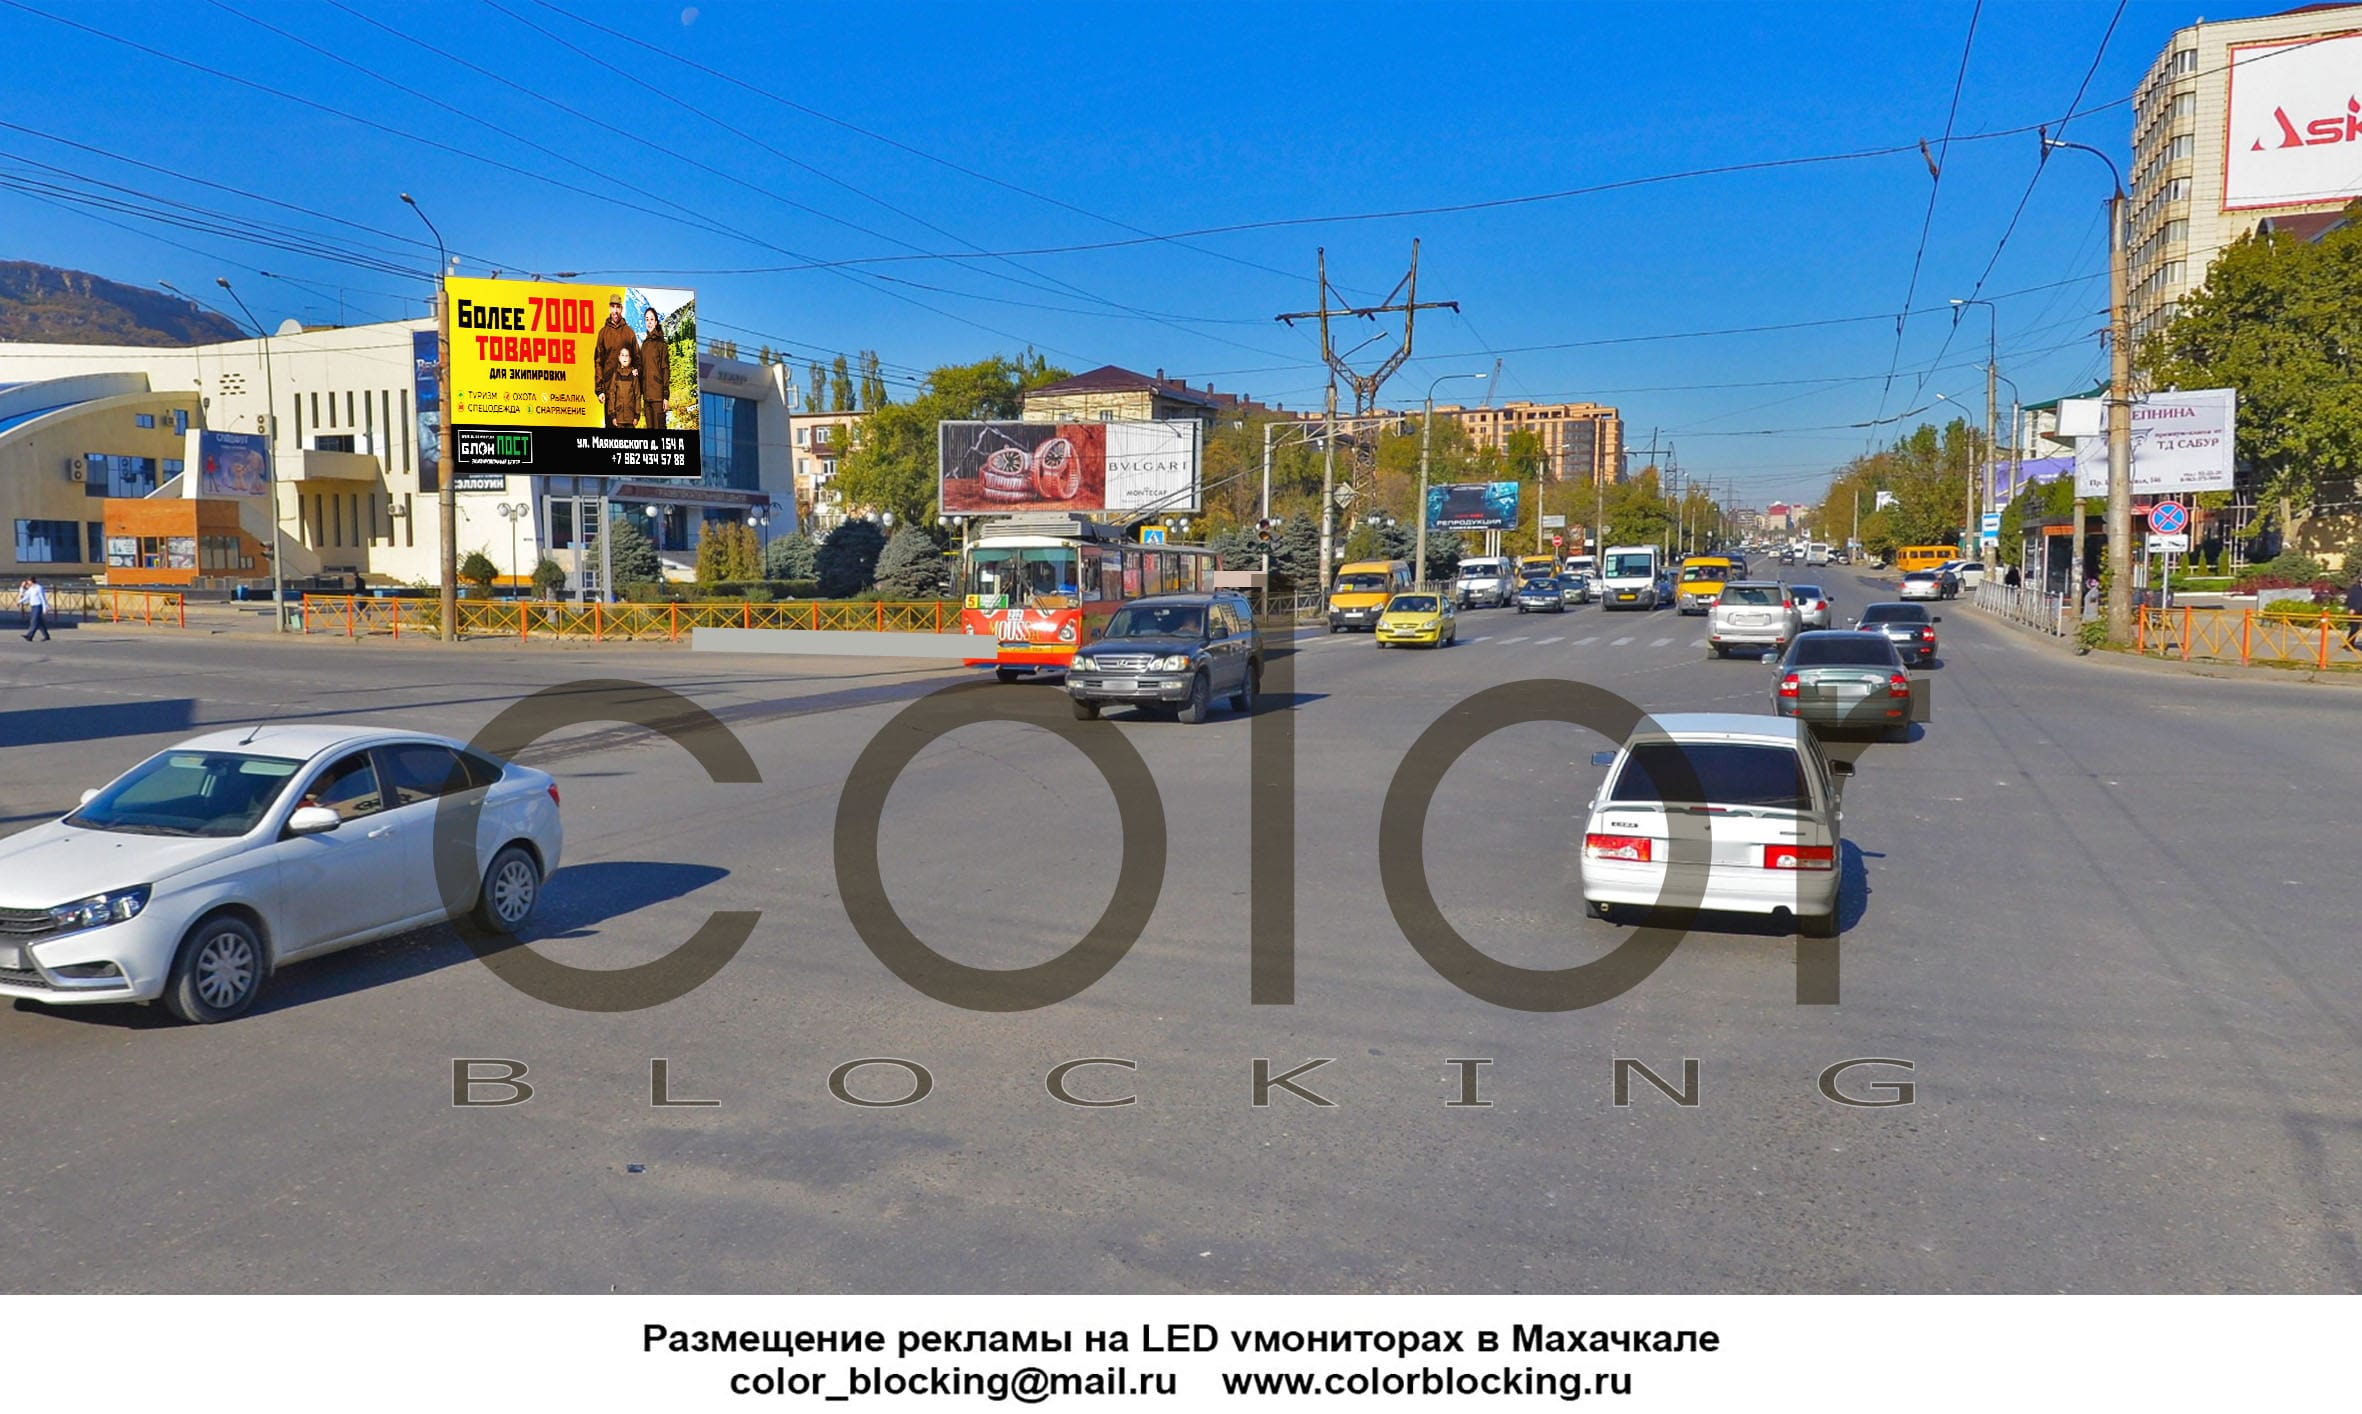 Размещение рекламы на светодиодных экранах в Махачкале центр